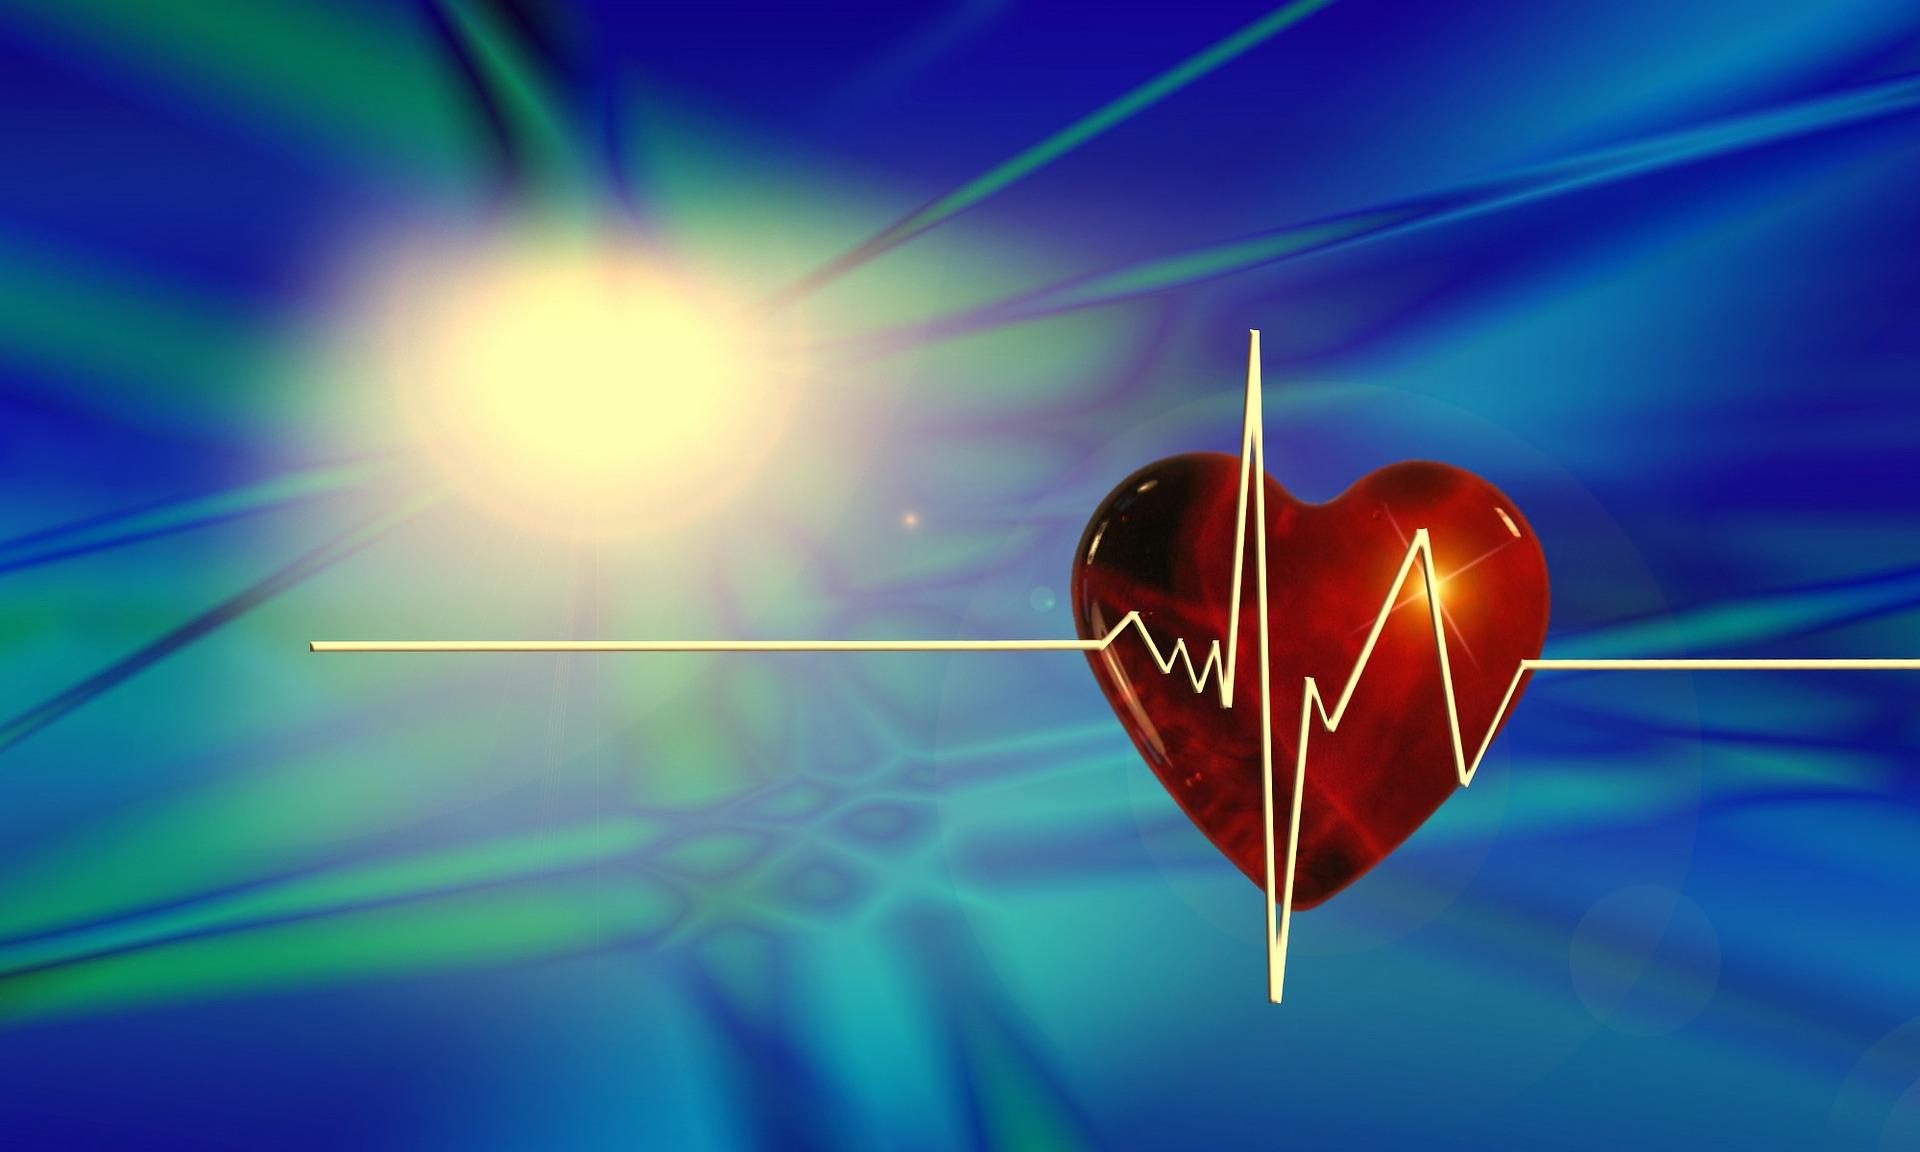 Elektromagnetische Strahlung messen: Dirty Power ist gesundheitsschädlich